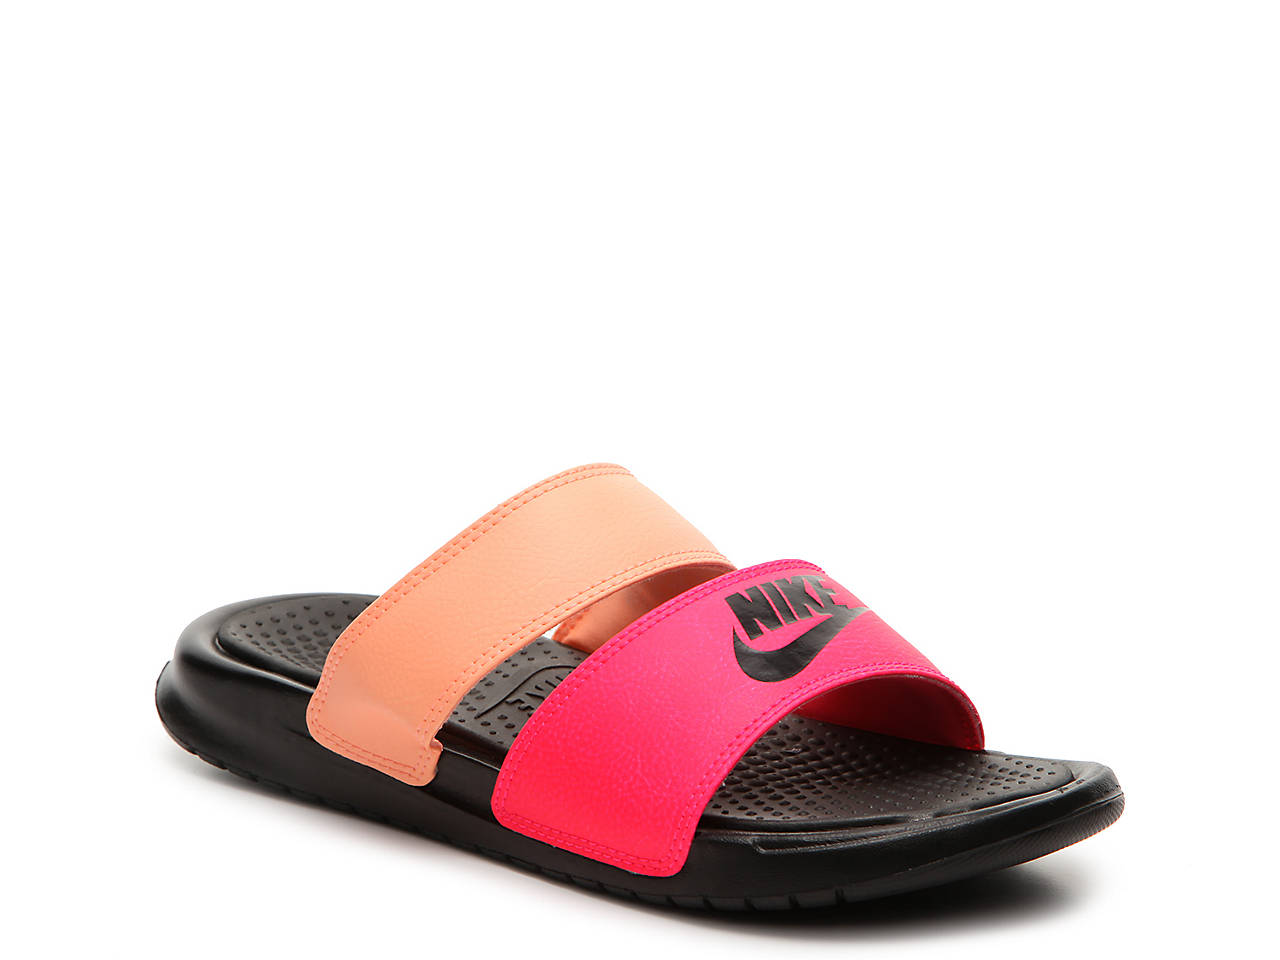 6af4befaf5ceb8 ebay benassi duo ultra slide sandal womens 467fb 10d15 ebay benassi duo  ultra slide sandal womens 467fb 10d15  good nike kawa adjust slide mens ...